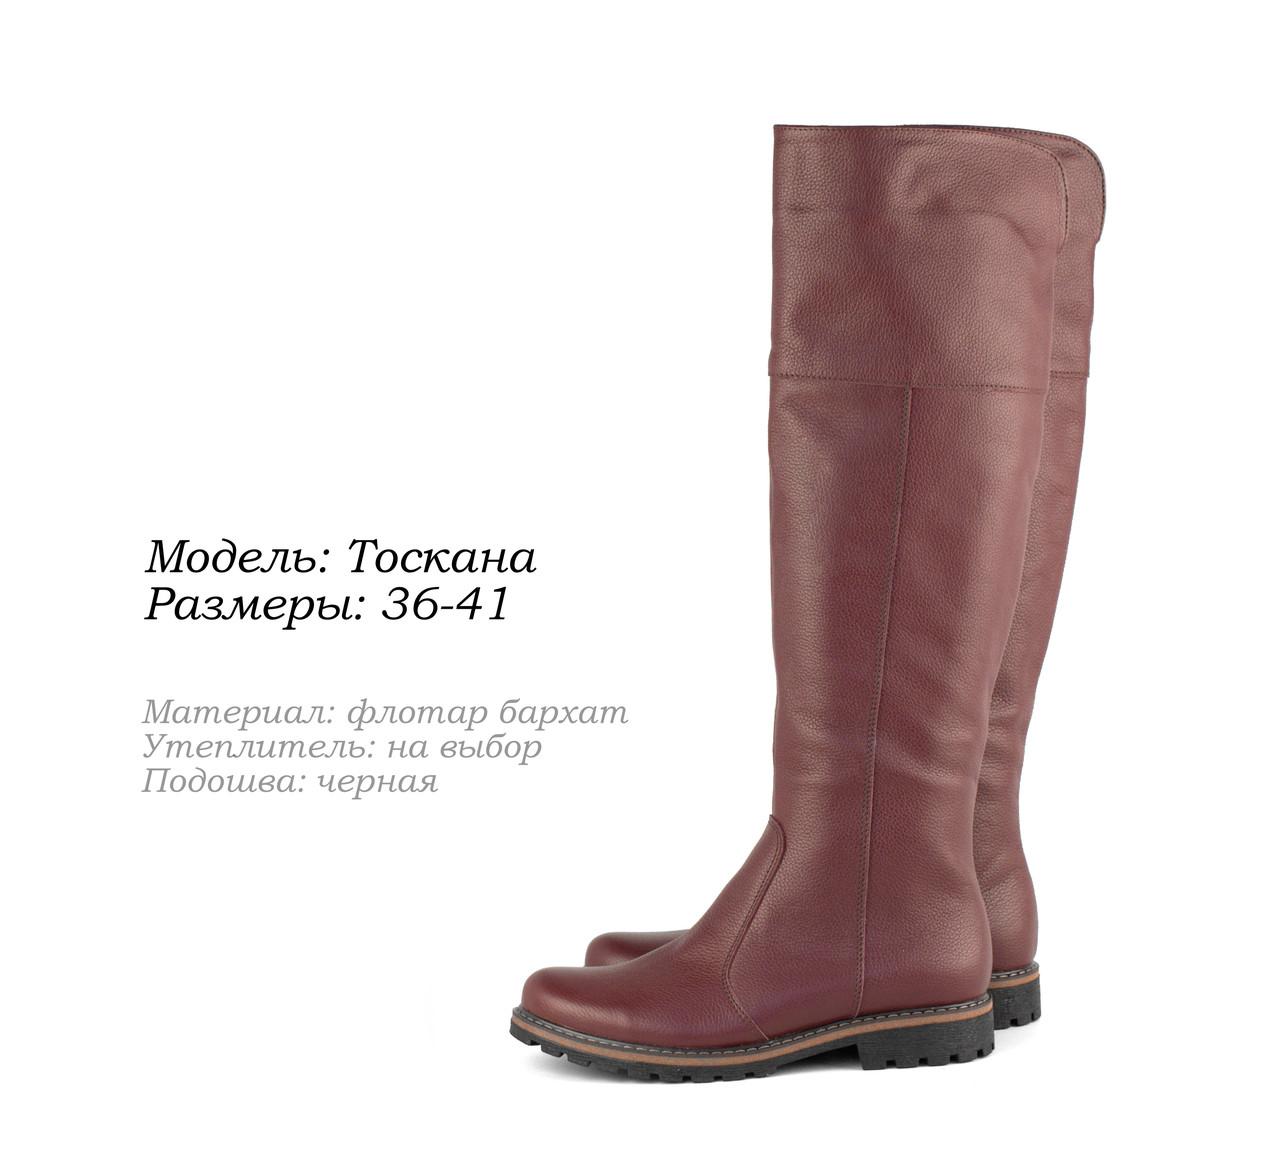 Кожаные зимние сапоги Украина